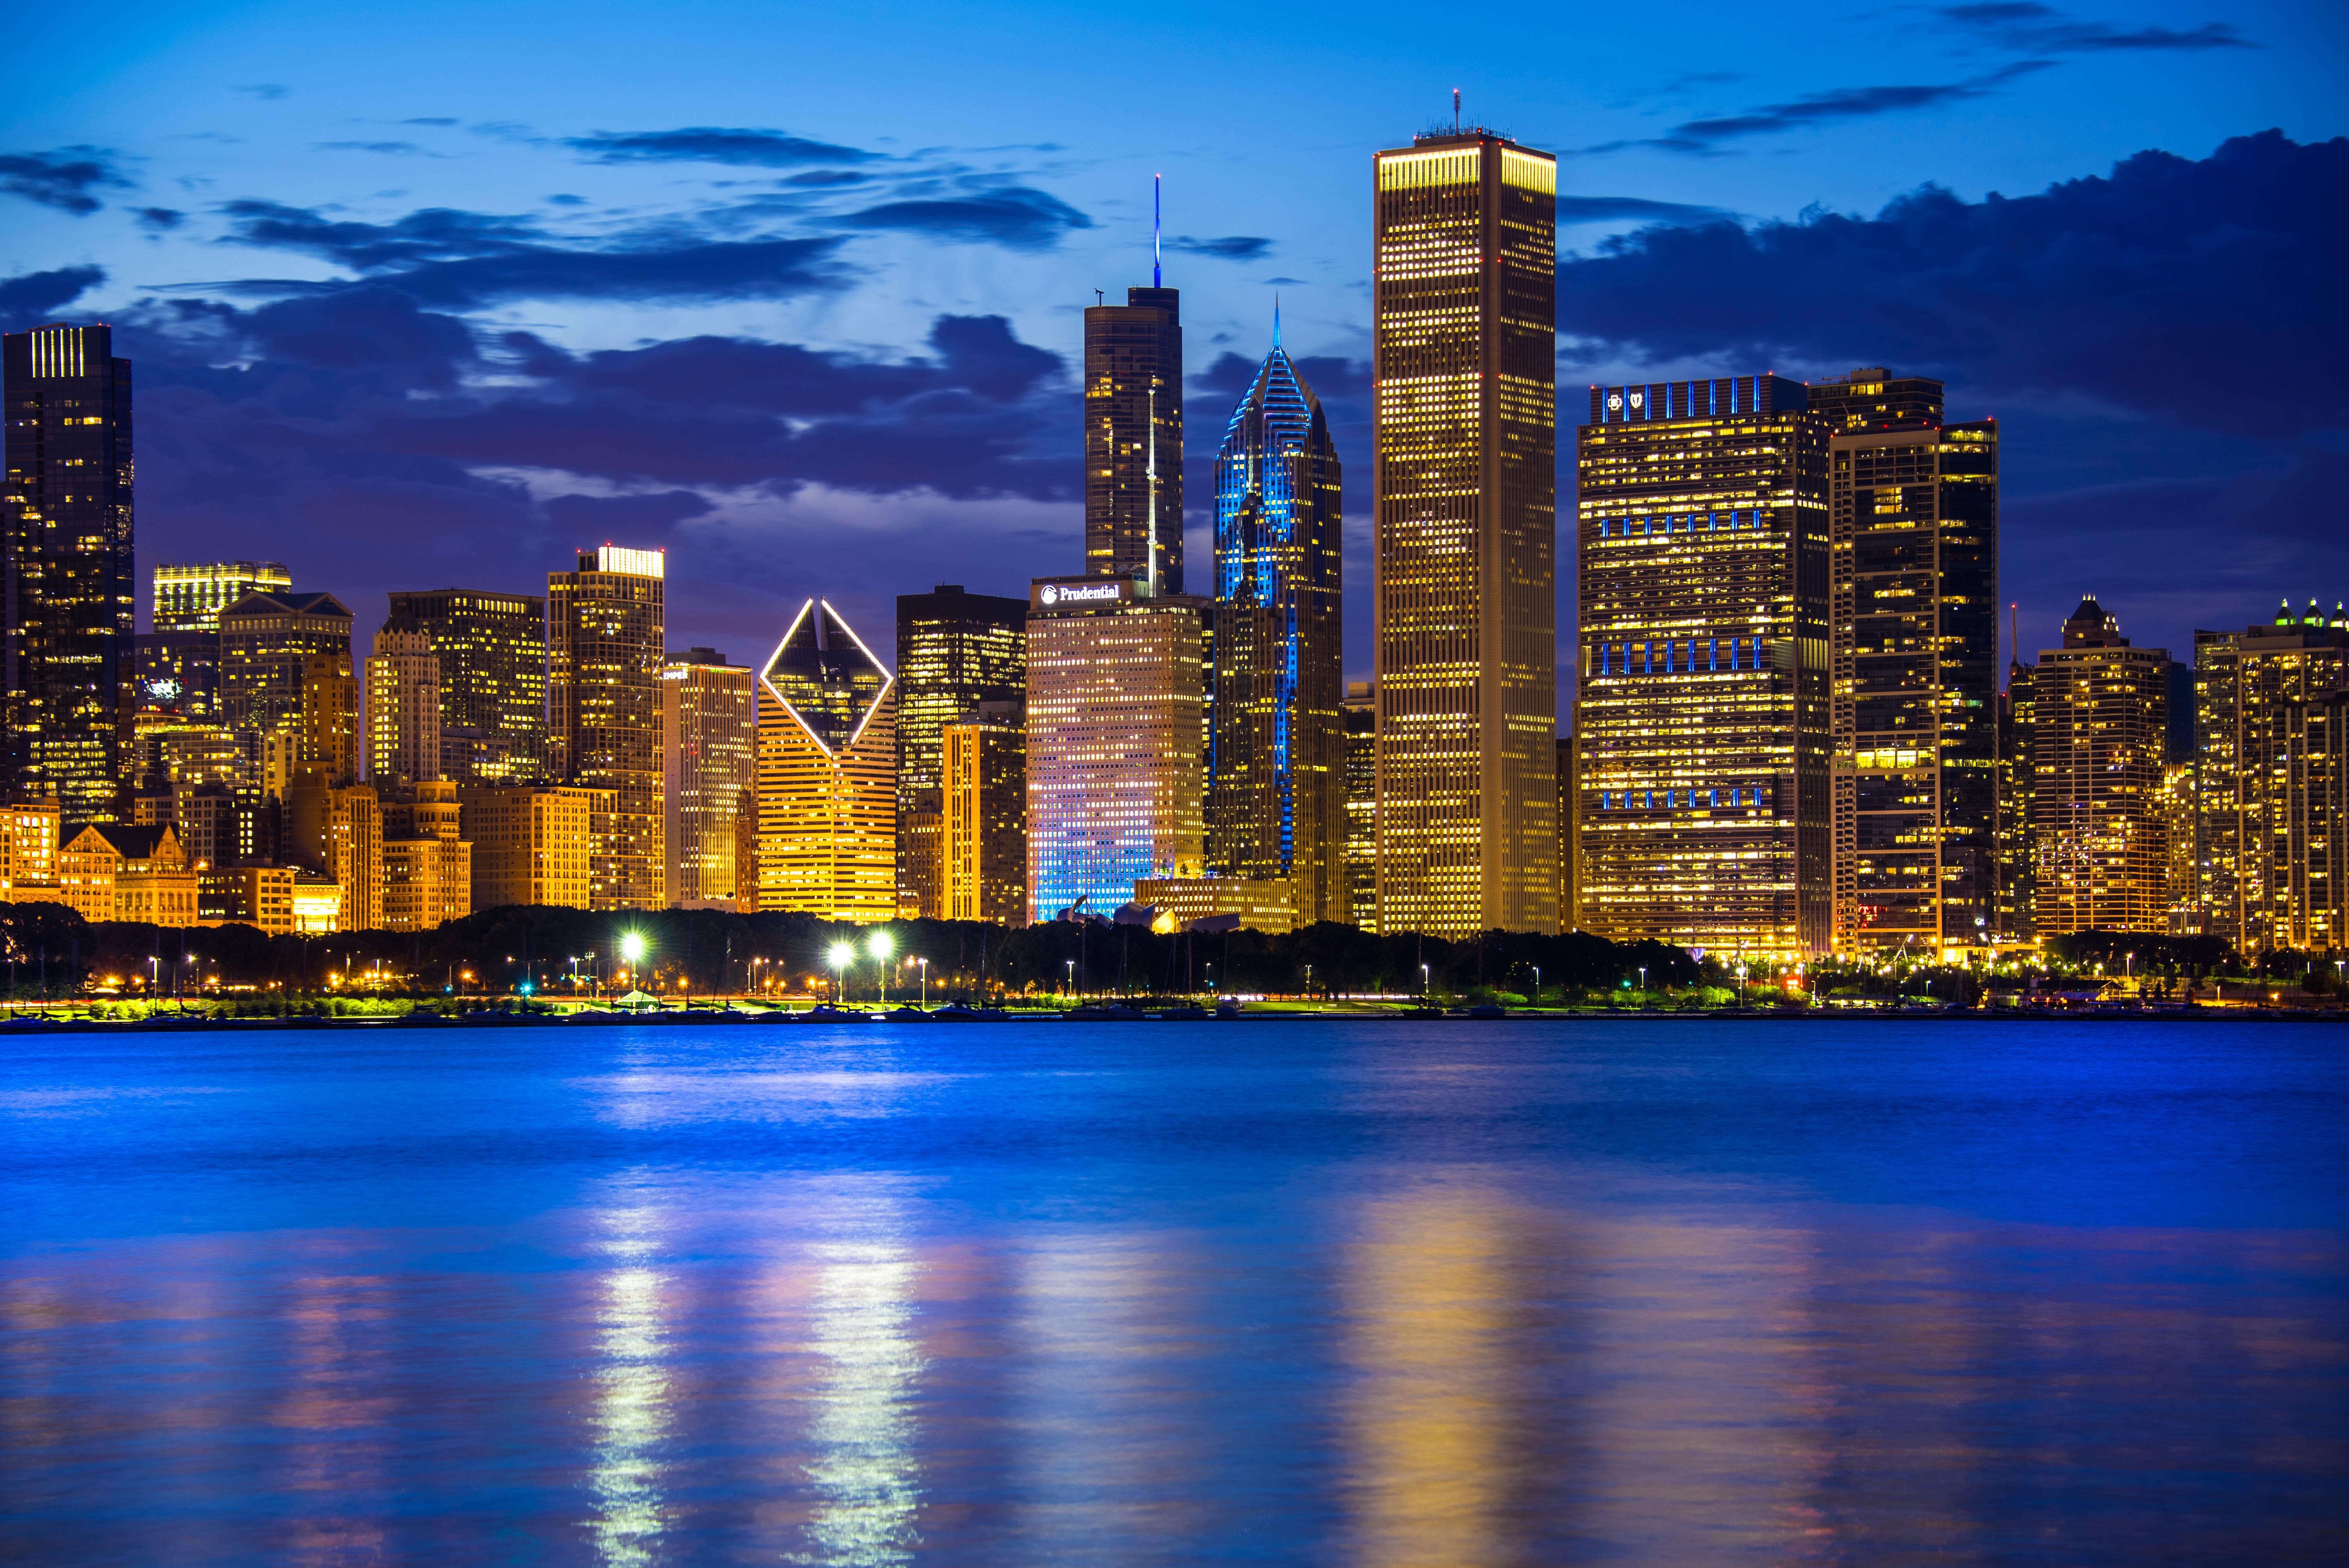 Ночной порт в Чикаго  № 3504462 загрузить